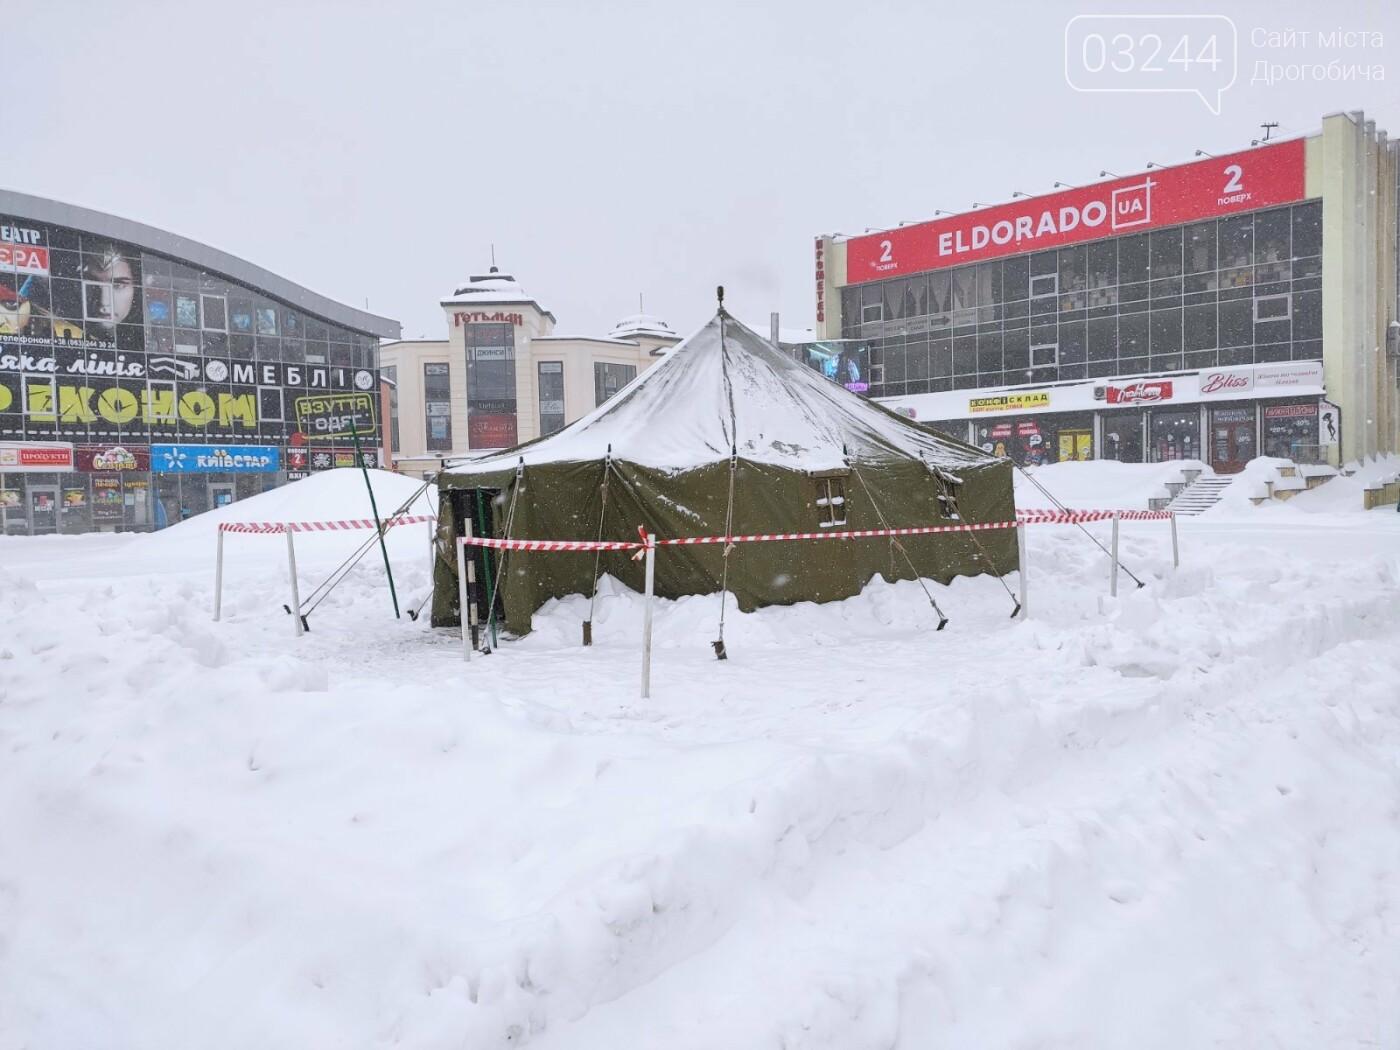 Щоб не замерзнути: у Дрогобичі розгорнули 2 пункти обігріву - один тимчасовий, інший - стаціонарний, фото-6